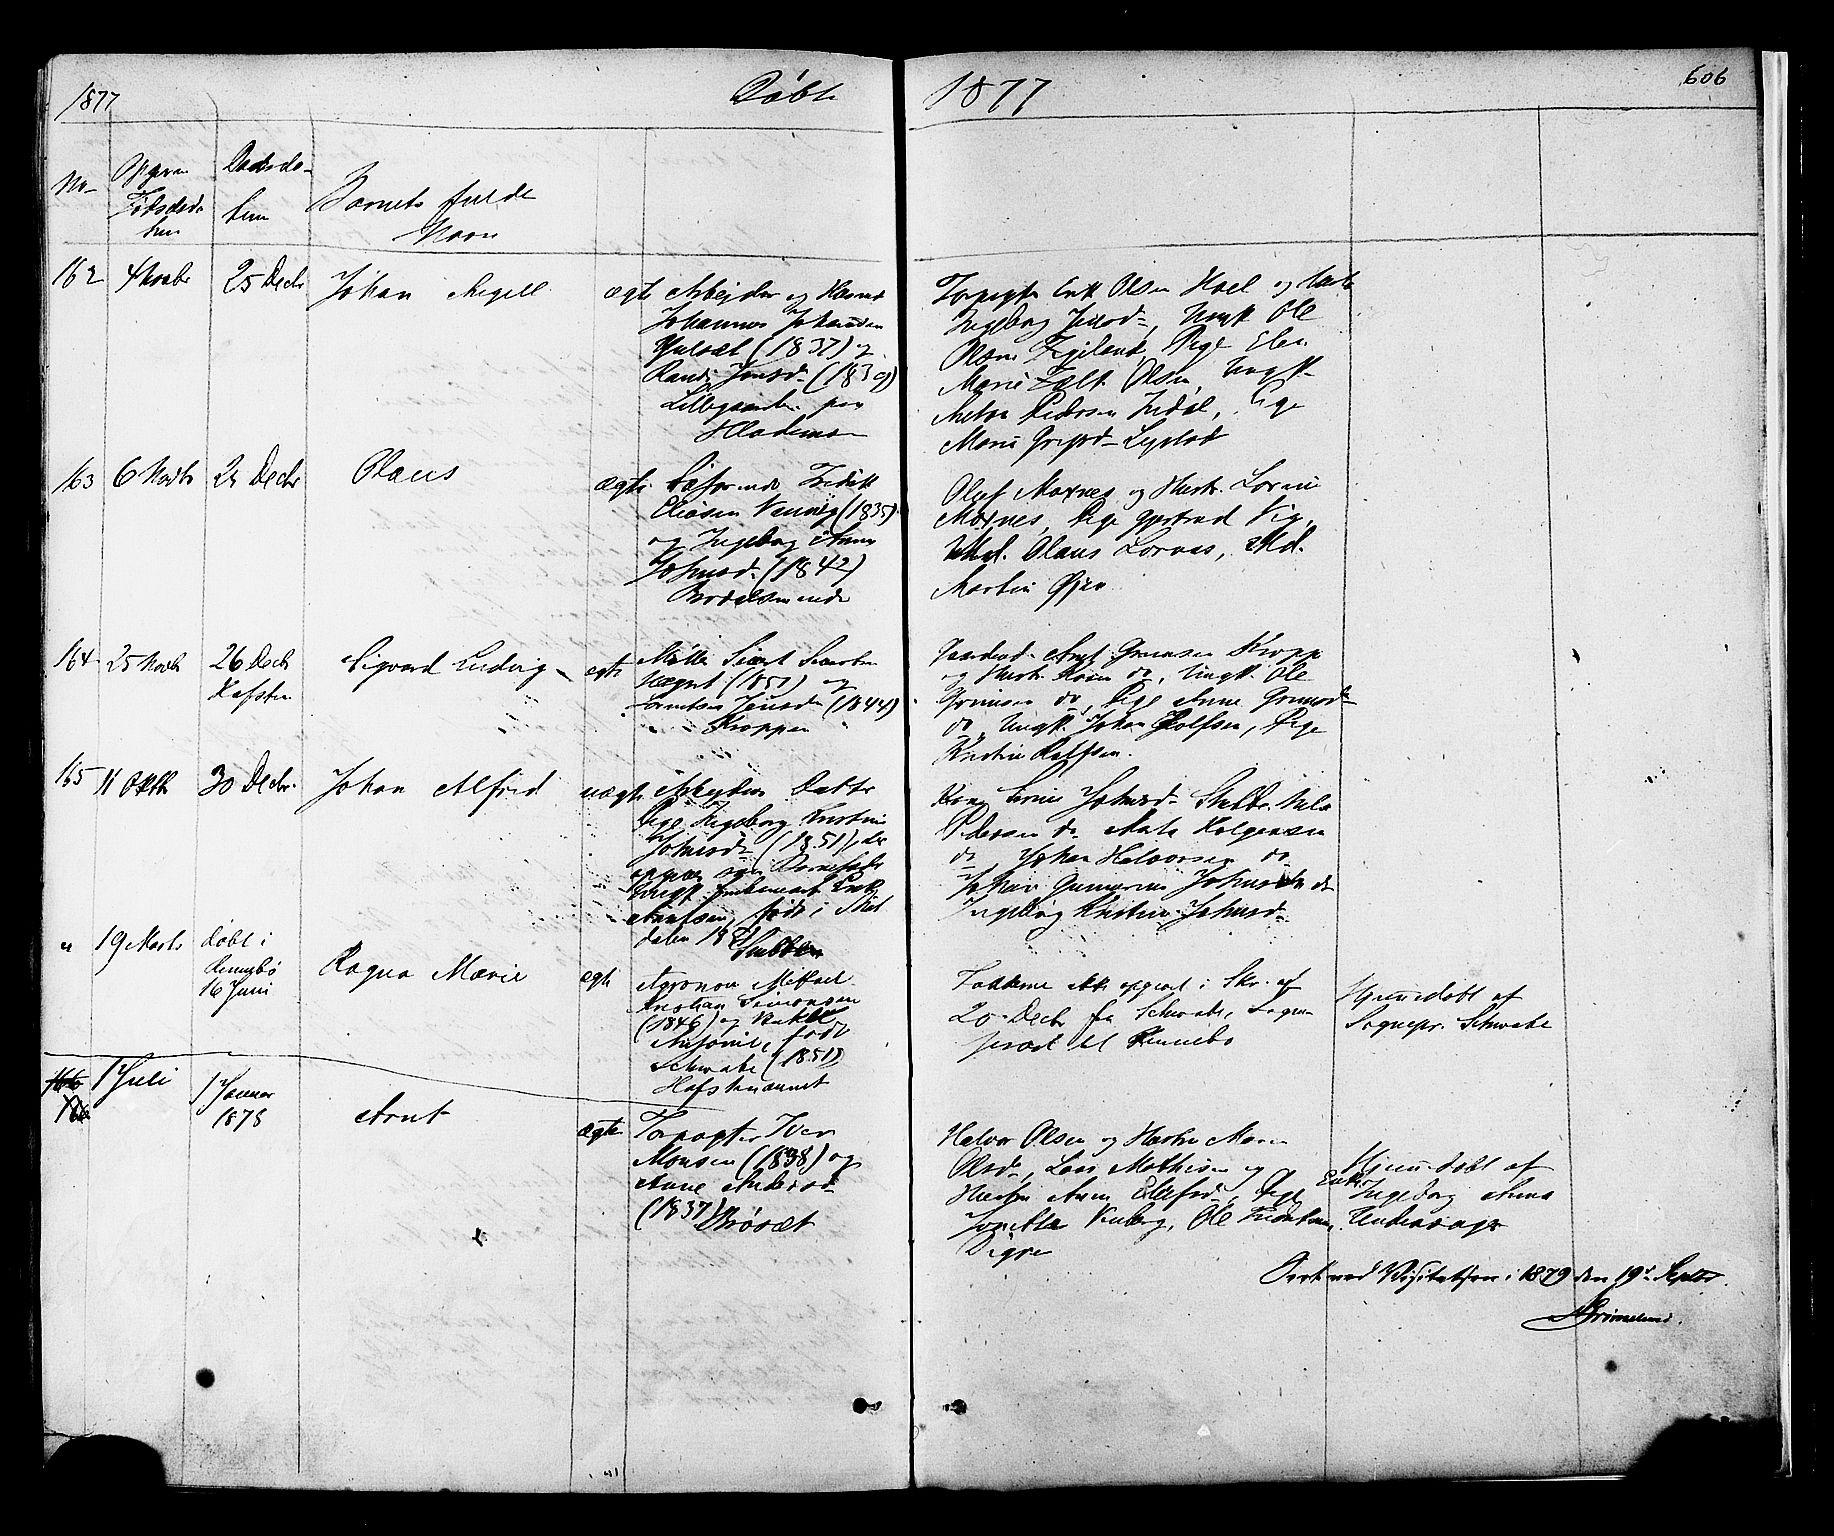 SAT, Ministerialprotokoller, klokkerbøker og fødselsregistre - Sør-Trøndelag, 606/L0293: Ministerialbok nr. 606A08, 1866-1877, s. 606